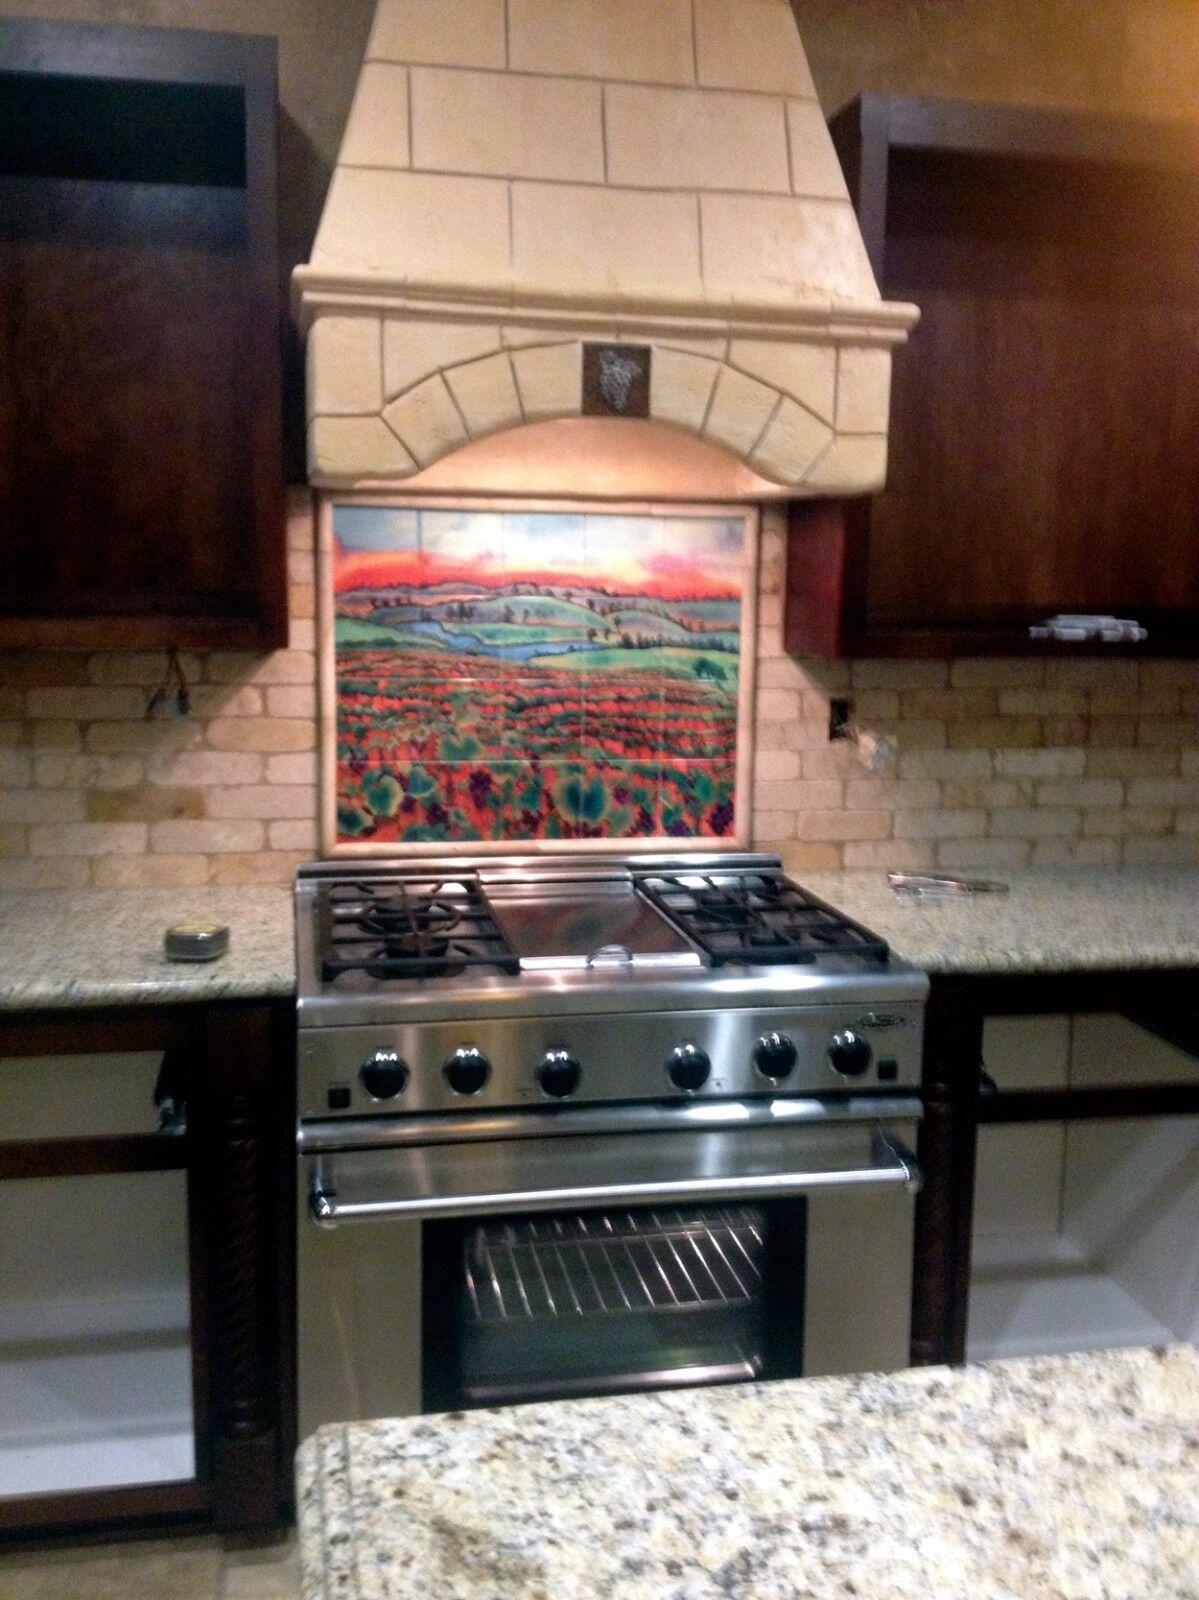 Contemporary Art Williams Grape Field  Mural Ceramic Kitchen Bath Tile  2450